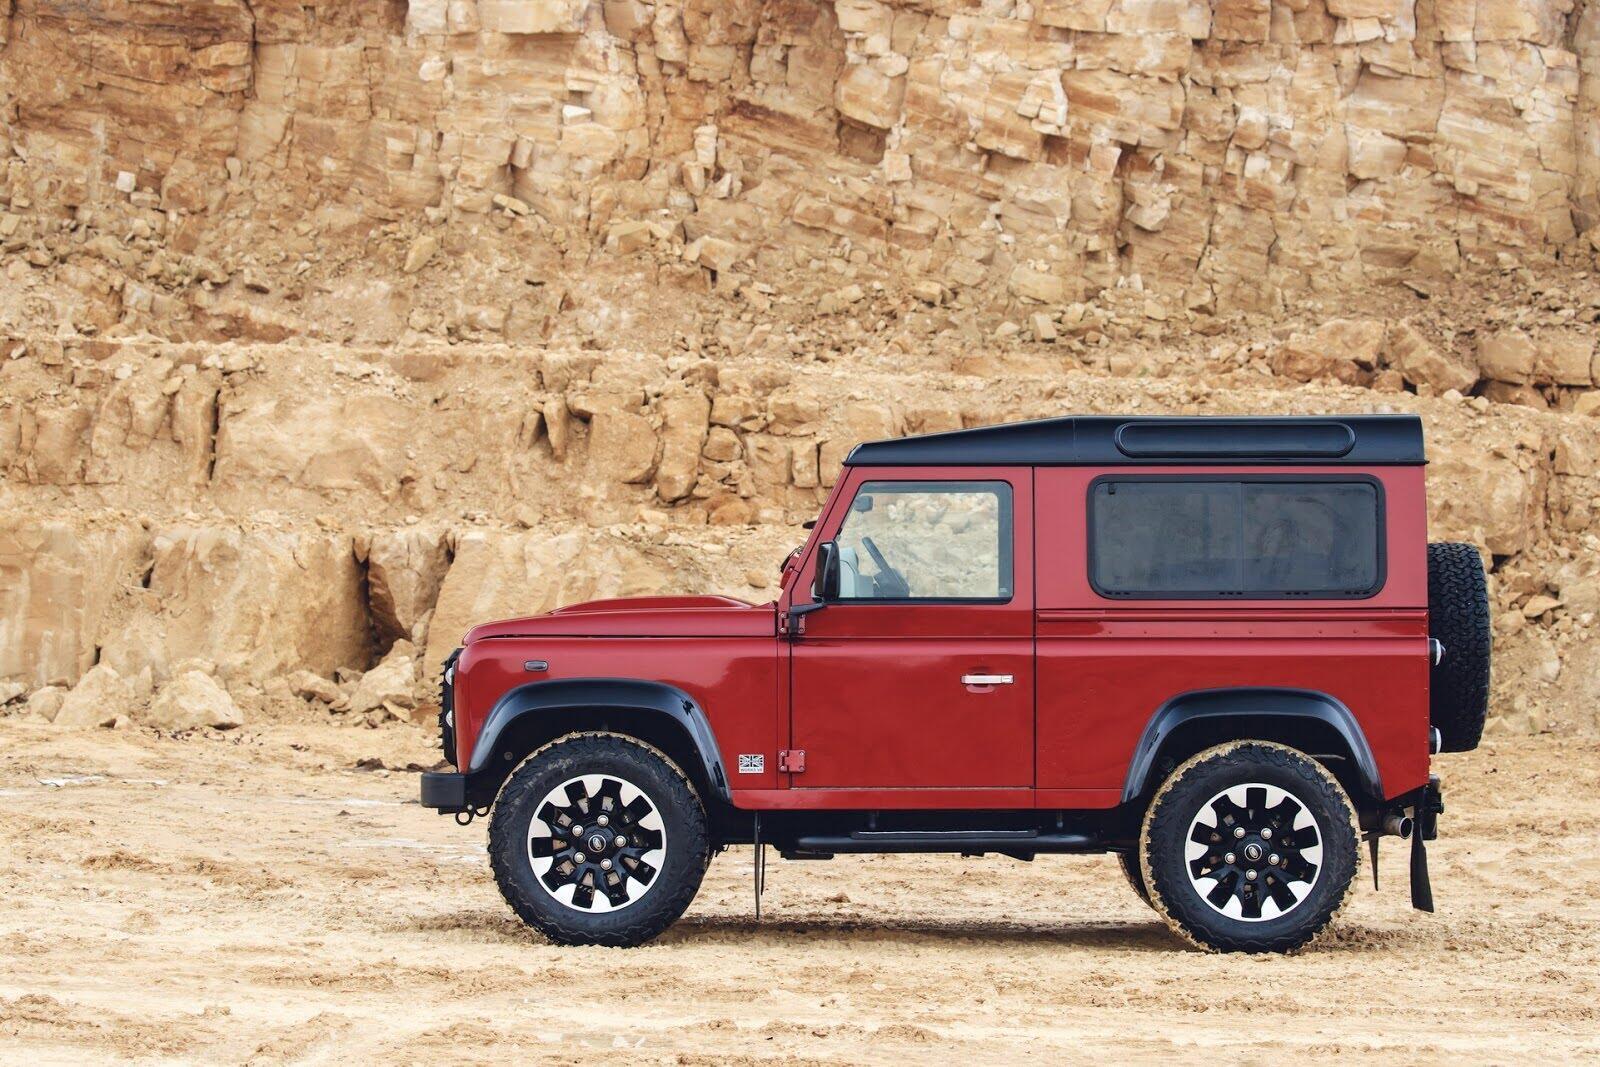 Land Rover Defender phiên bản kỷ niệm 70 năm ra mắt; chỉ 150 chiếc được sản xuất - Hình 1